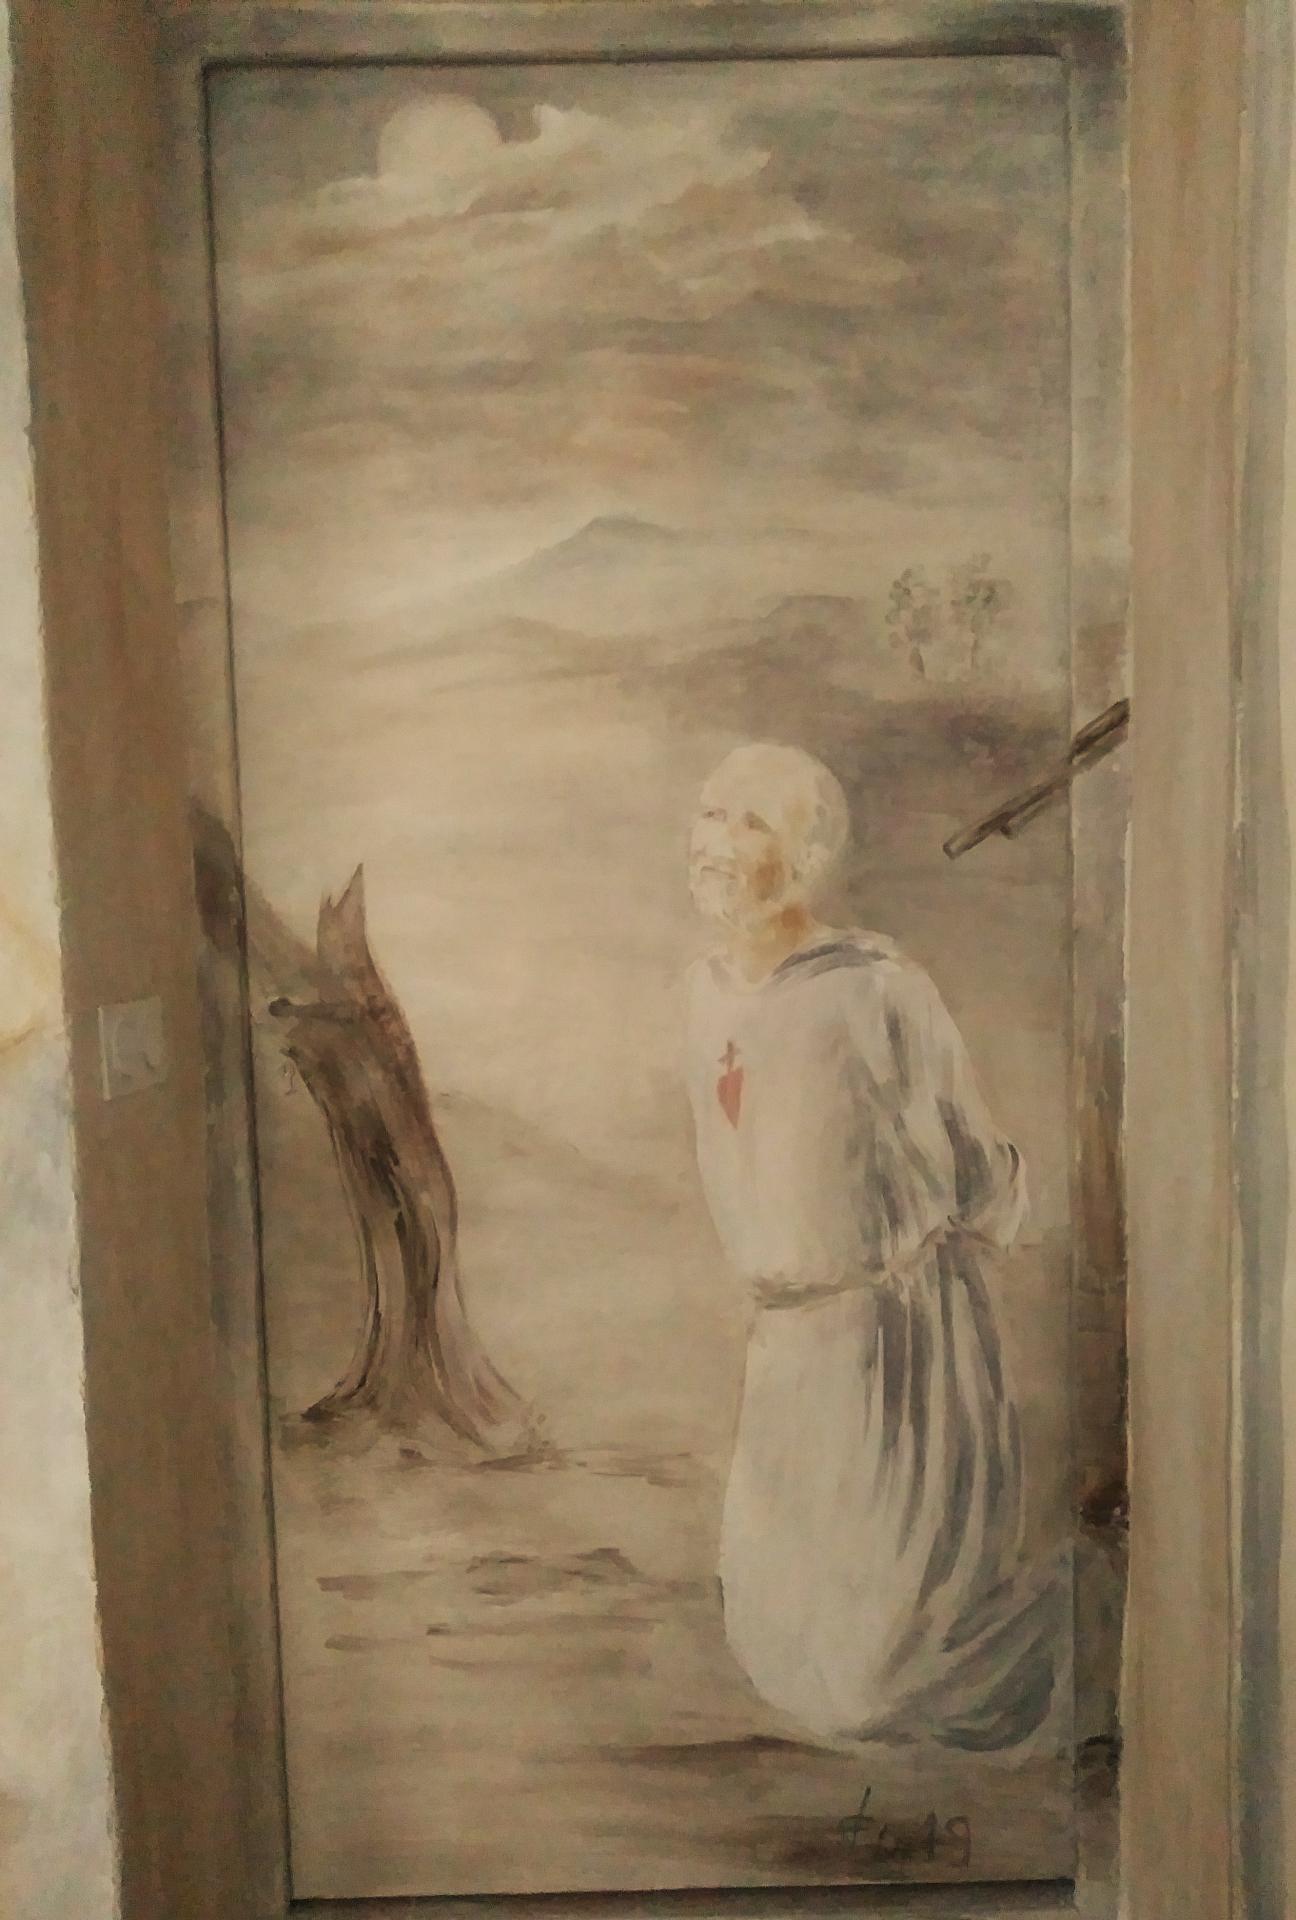 Fresque mort de charles de foucauld